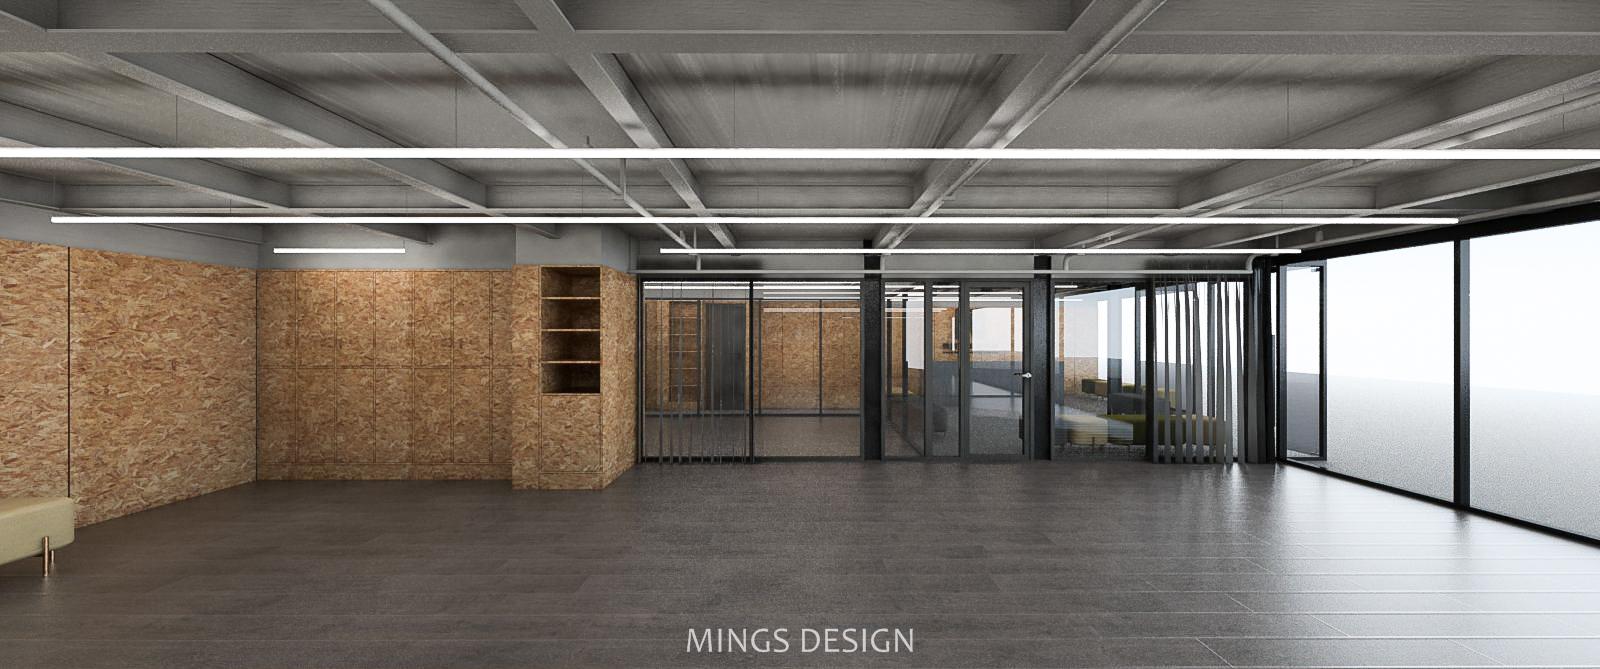 雪舞轩舞蹈工作室,FOR天物空间,舞蹈教育机构设计,舞蹈工作室设计,上海培训机构设计,上海舞蹈工作室设计